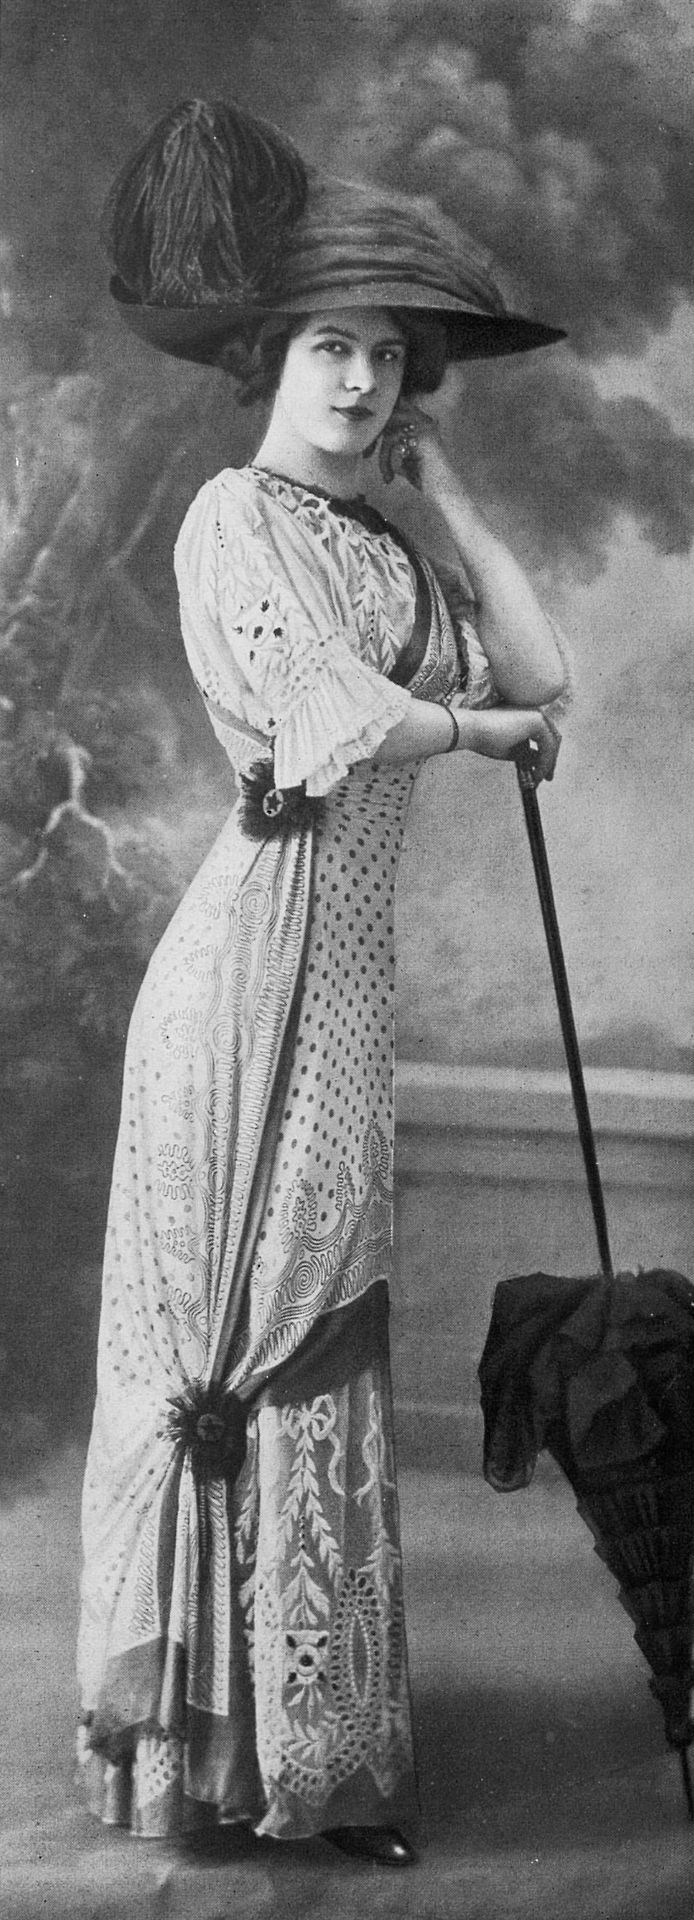 Dress for the races byMargaine-Lacroix,photo by Félix,Les Modes July 1910.